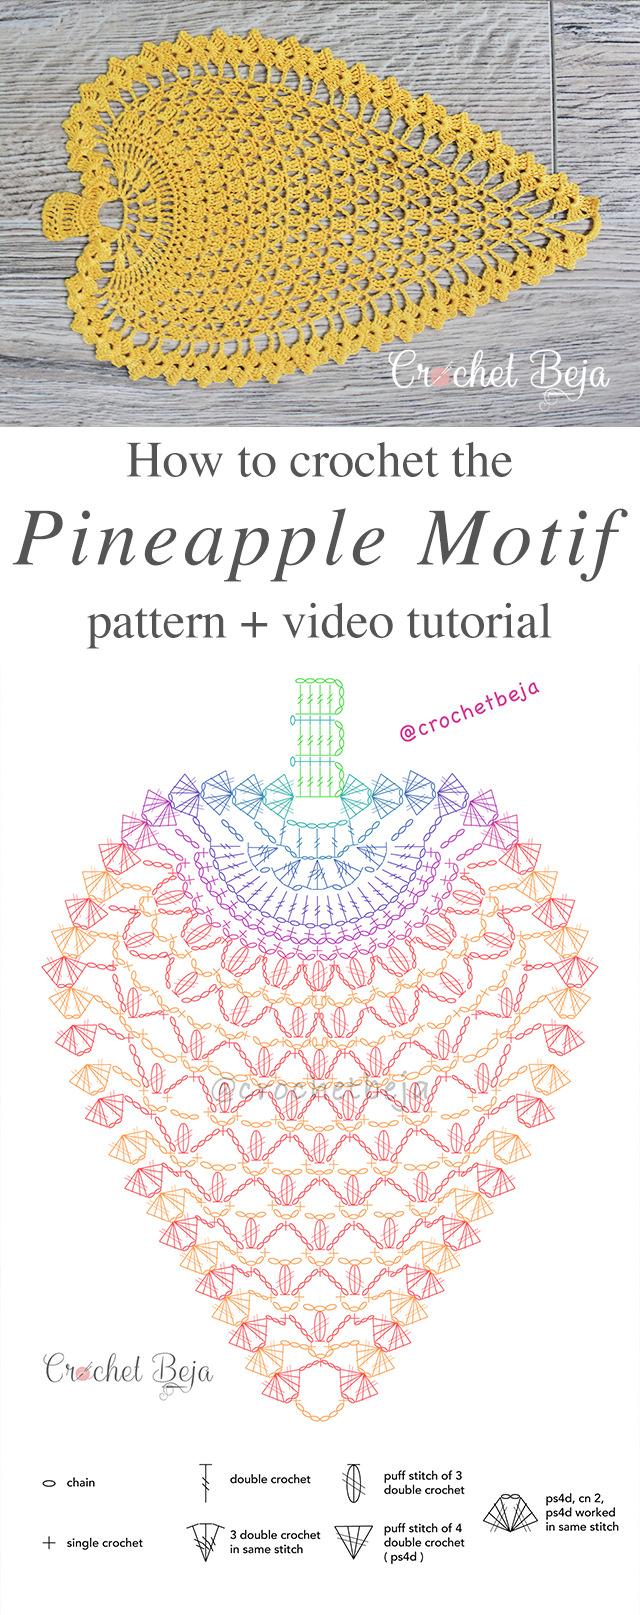 Pineapple Motif Crochet Pattern Tutorial Crochetbeja